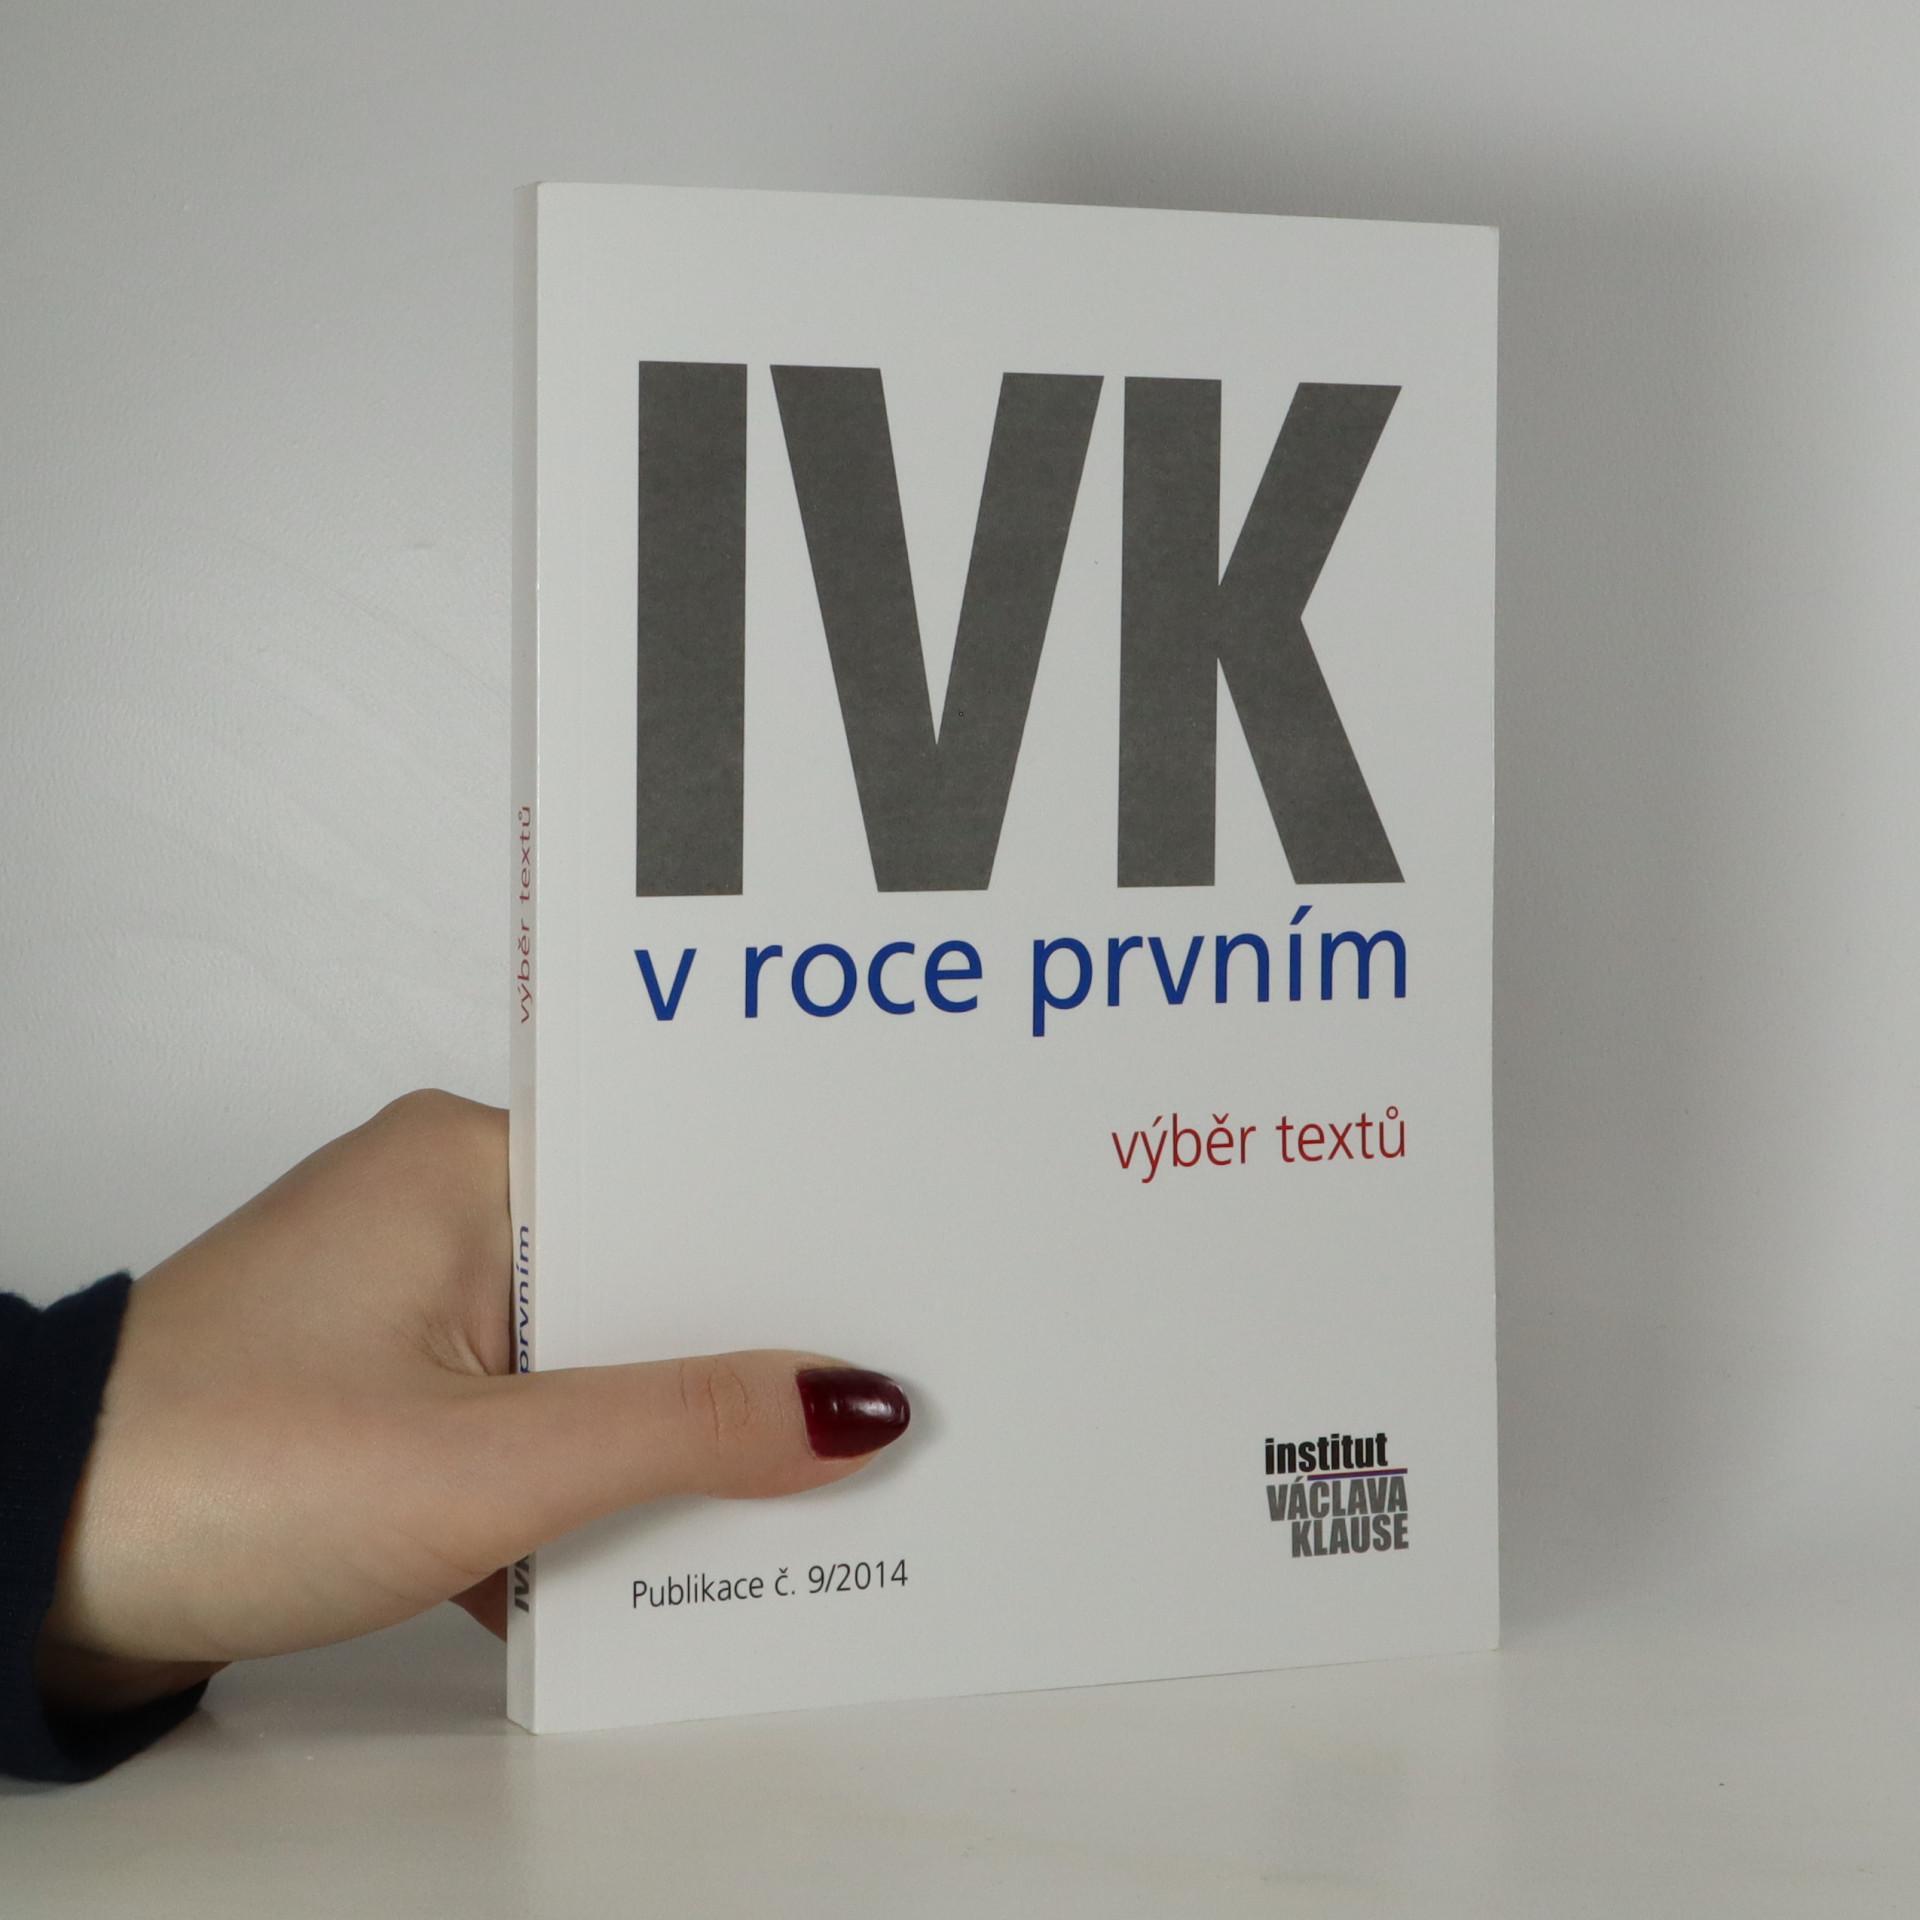 antikvární kniha IVK v roce prvním. Výběr textů, 2014